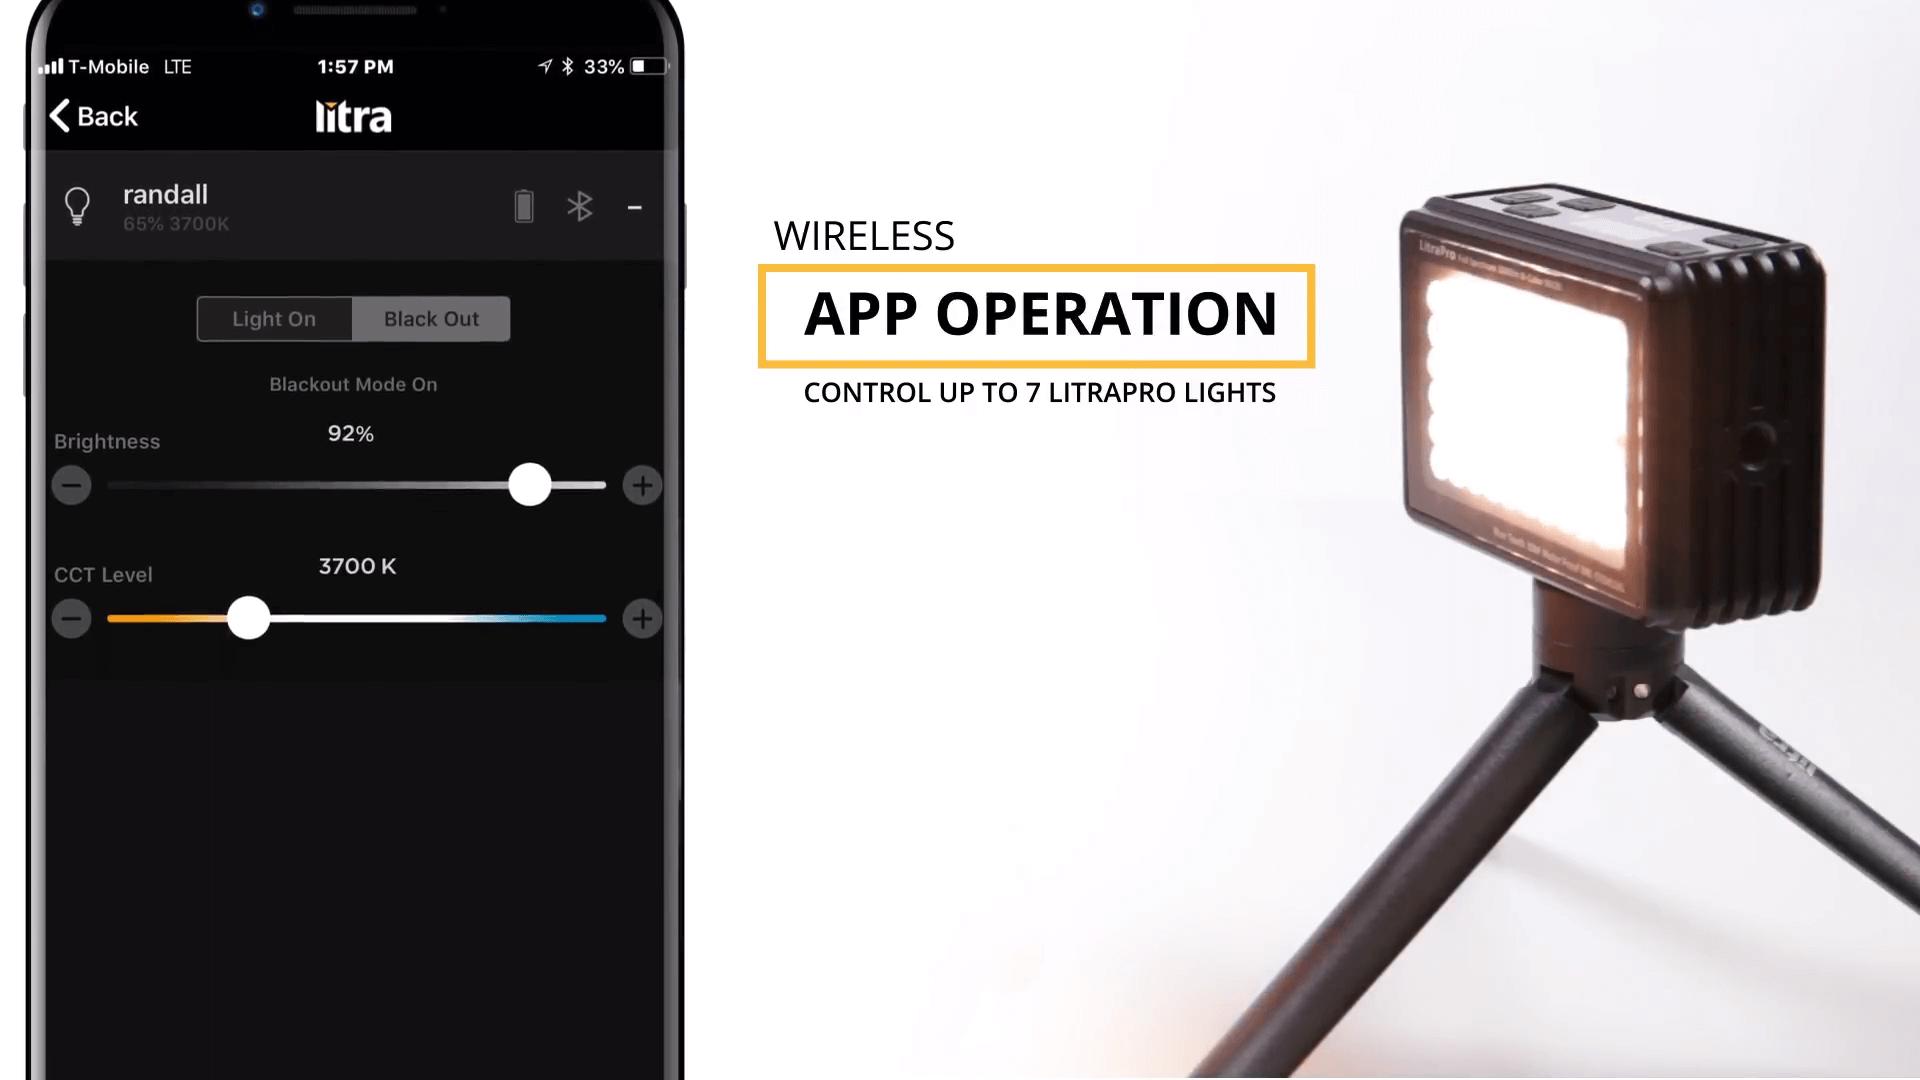 アプリで操作可能な撮影用LEDライト:LitraPro